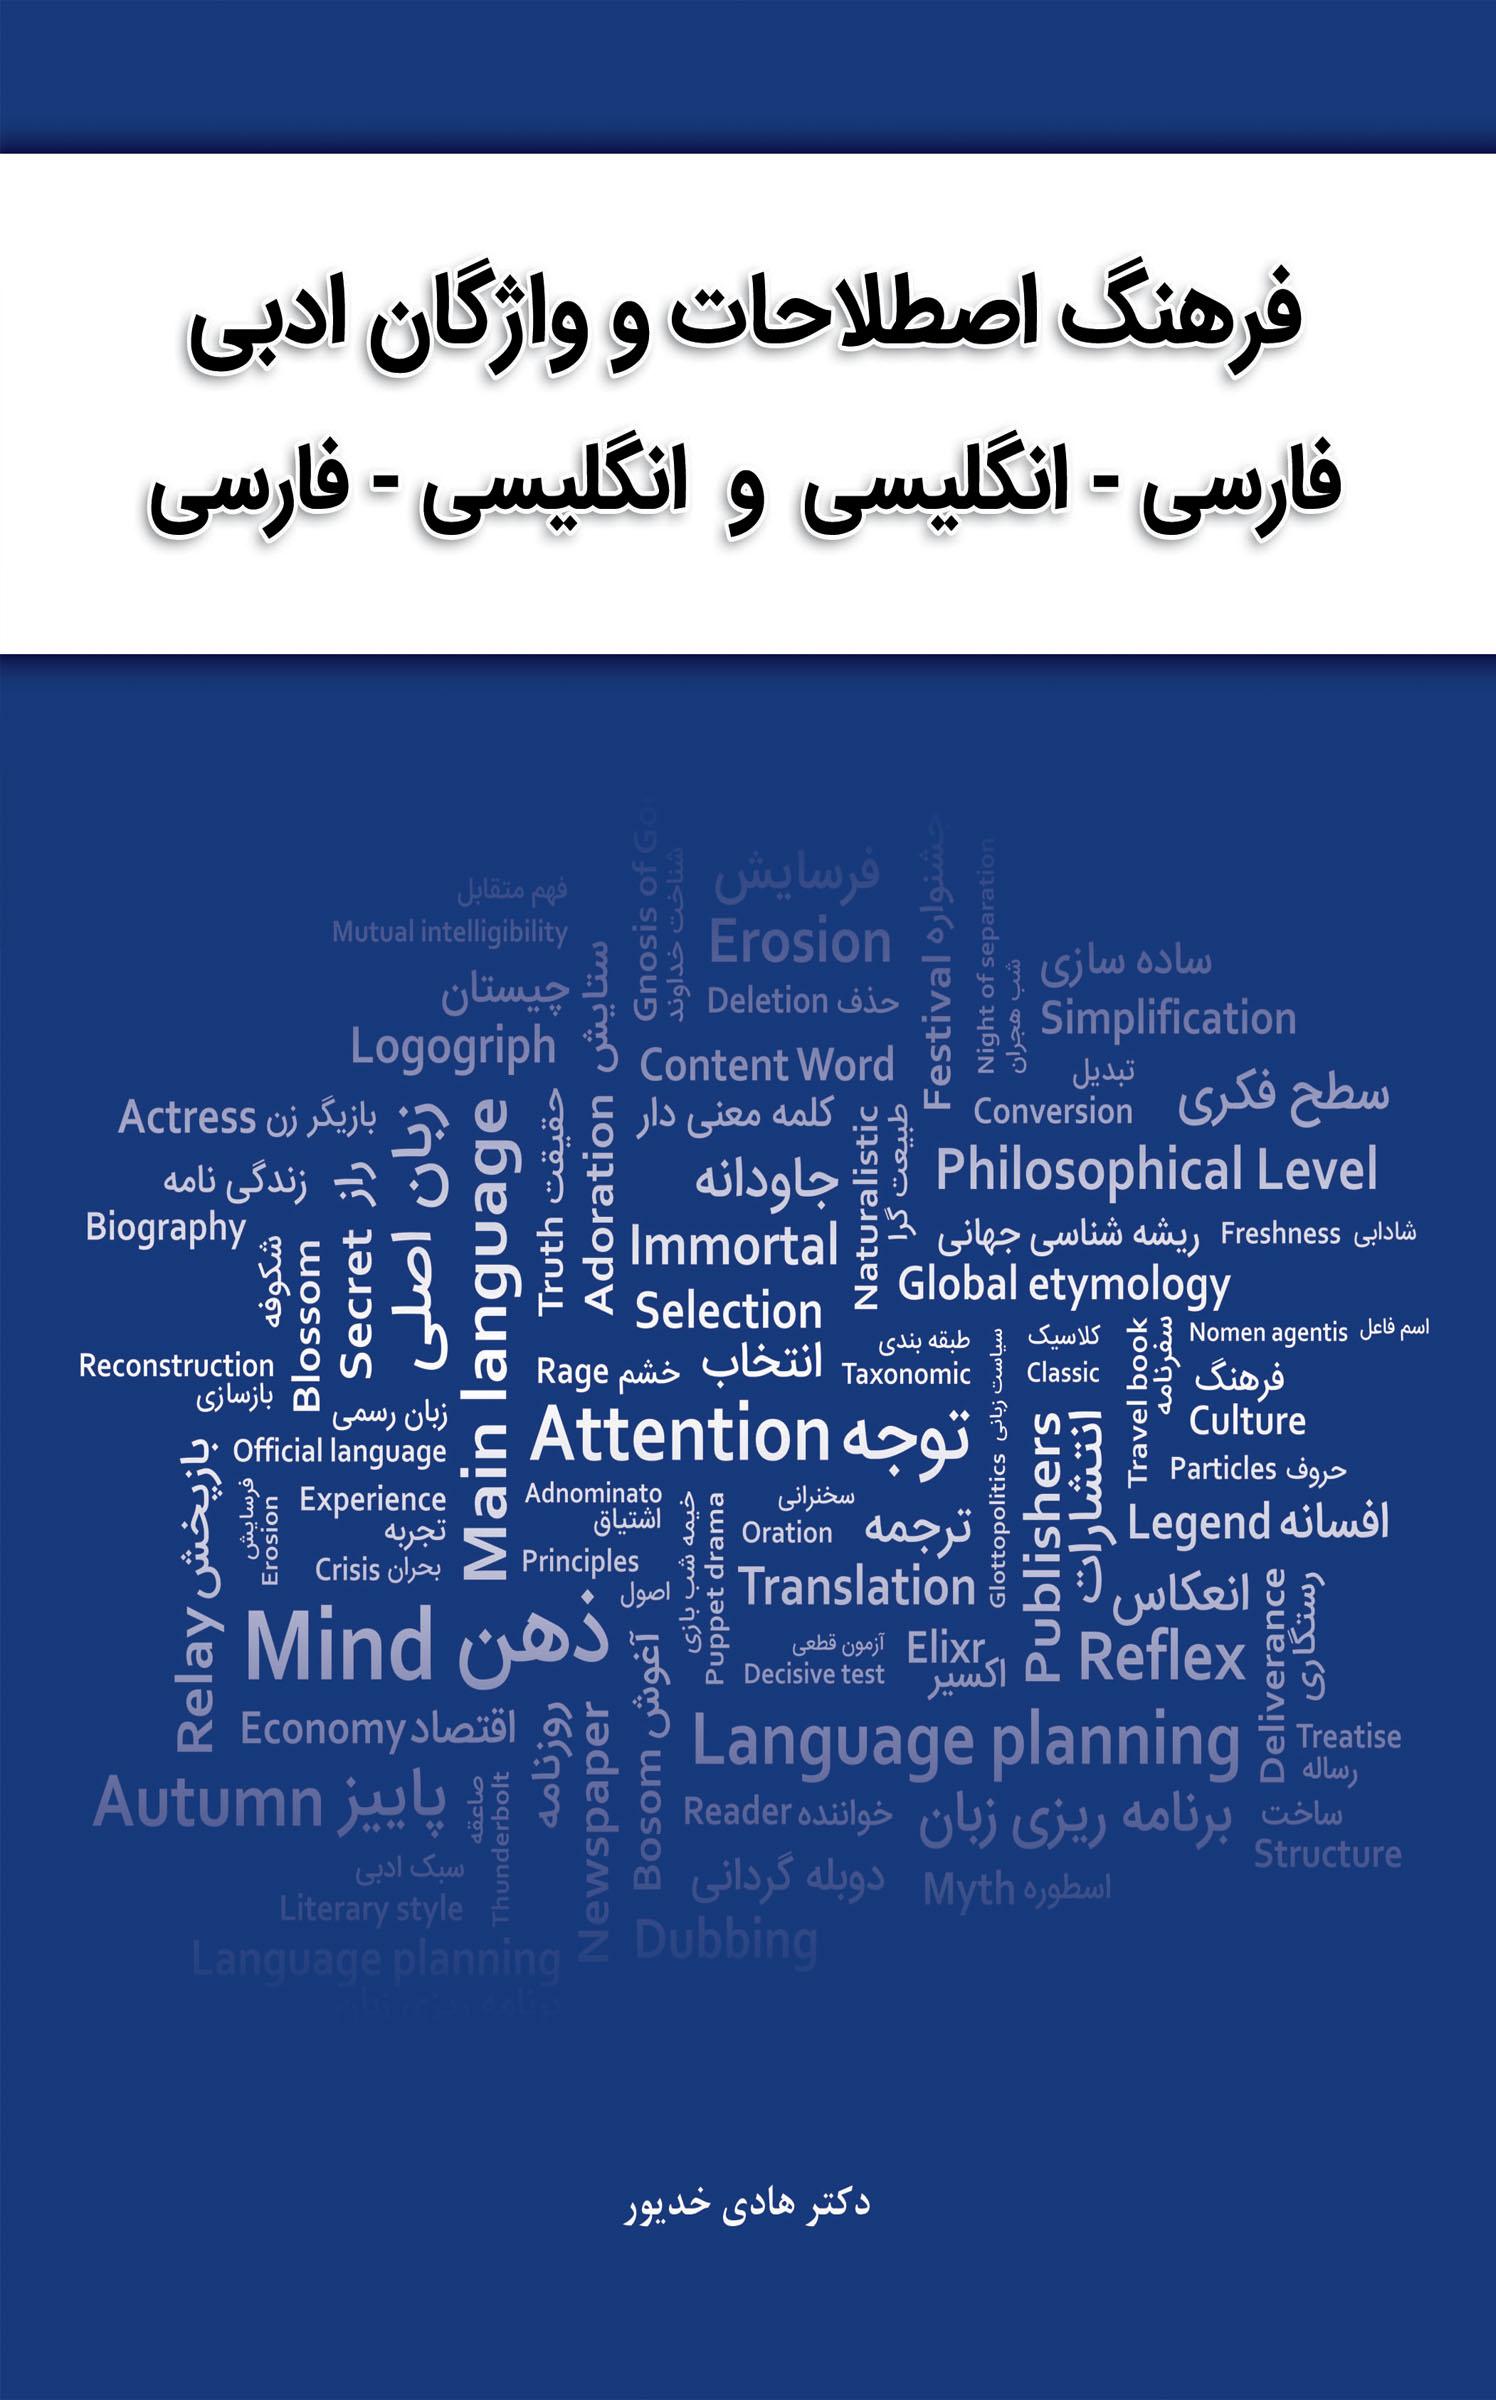 فرهنگ اصطلاحات و واژگان ادبی